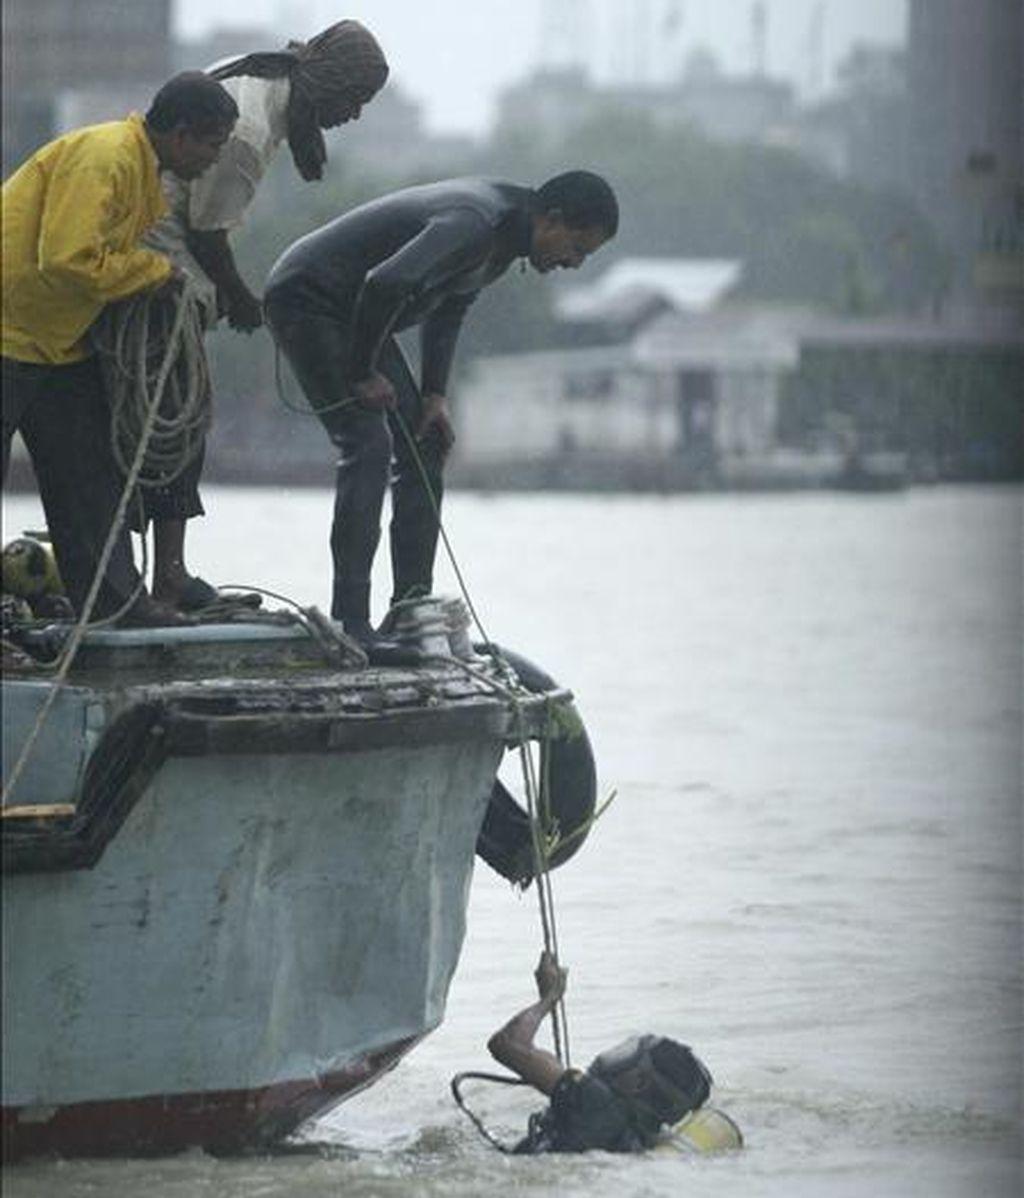 Jóvenes bangladesíes participan en una operación de rescate tras el naufragio de un barco en el río Shitalakkhya, en Narayangonj, en el centro de Bangladesh, hoy, lunes 5 de julio. EFE